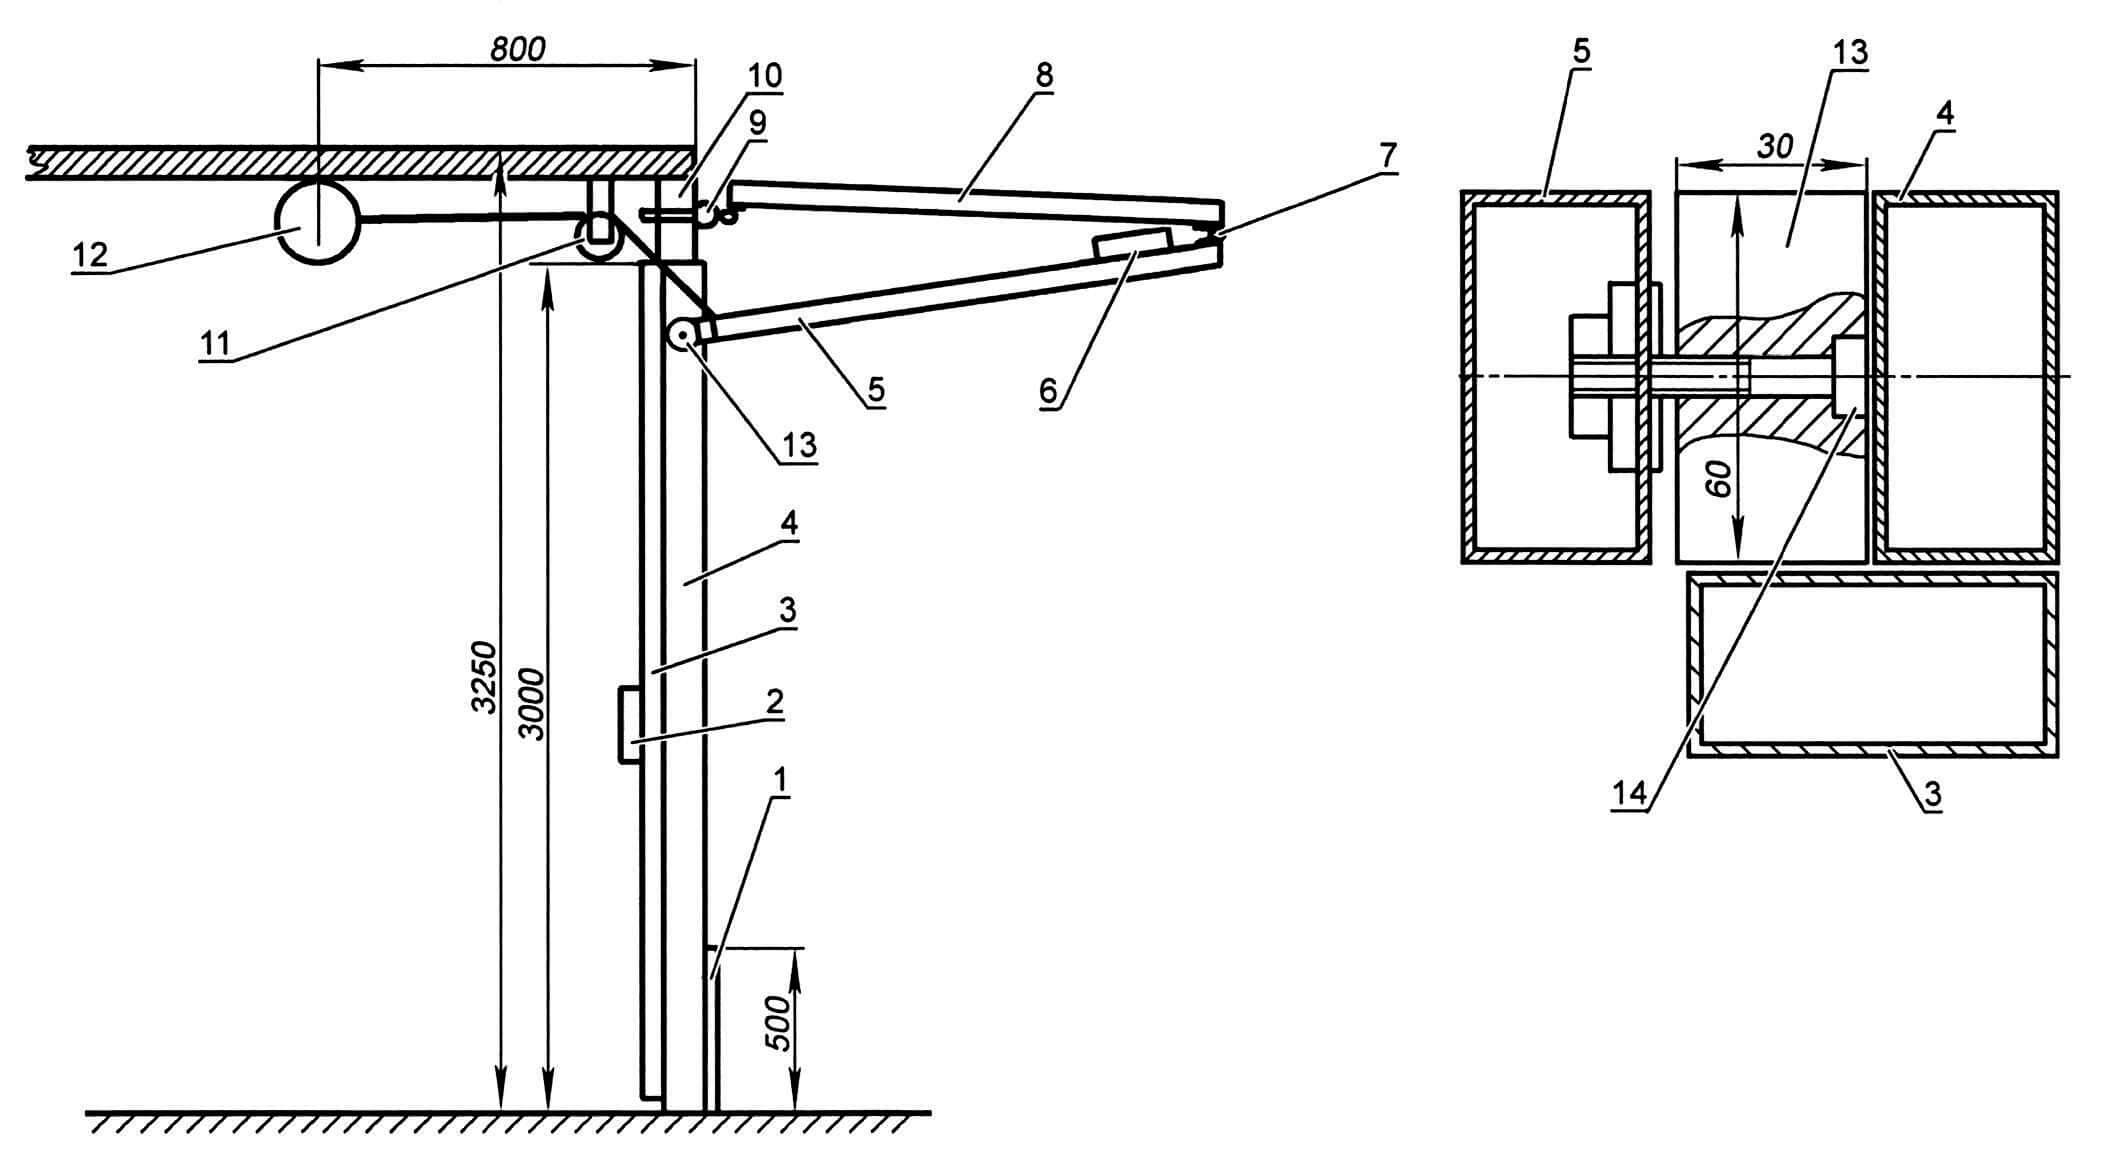 Монтаж ворот в проеме и схема установки ролика: 1 - пластина запорно-ограничивающая; 2 - электрозамок; 3 - профиль 30x60 (упорный); 4 - профиль 30x60 (проем); 5 - нижняя створка ворот; 6 - «ушко» электрозамка; 7 - петля бытовая; 8 - верхняя створка ворот; 9 - петля грузовая; 10 - верхняя поперечная балка проема; 11 - ролик для троса; 12 - электротельфер; 13 - ролик ворот; 14 - болт М10 термоупрочненный